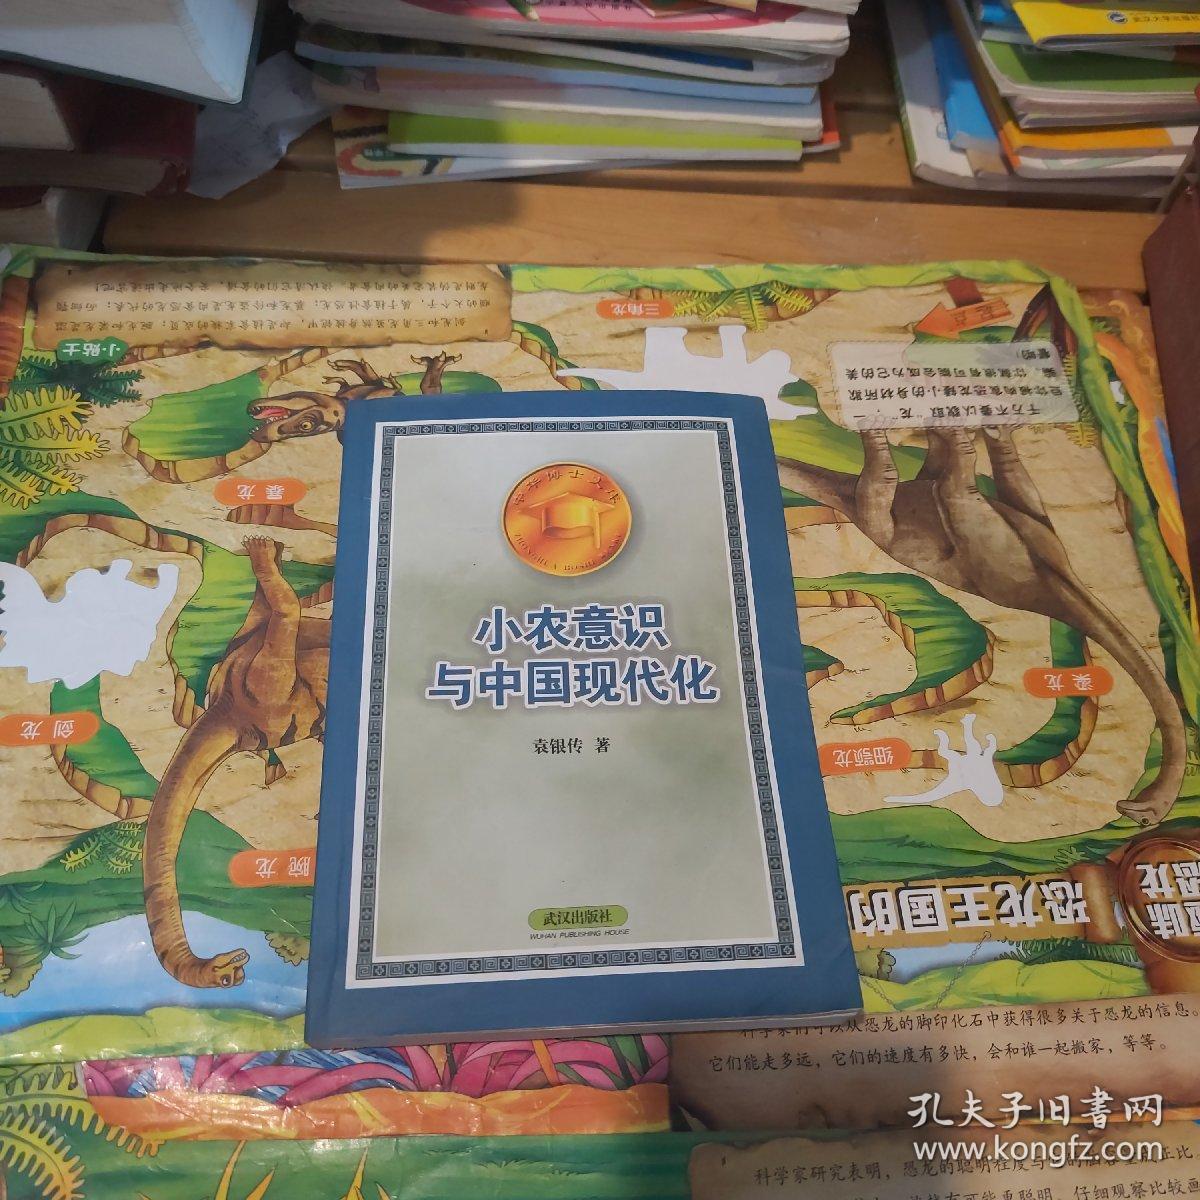 小农意识与中国现代化